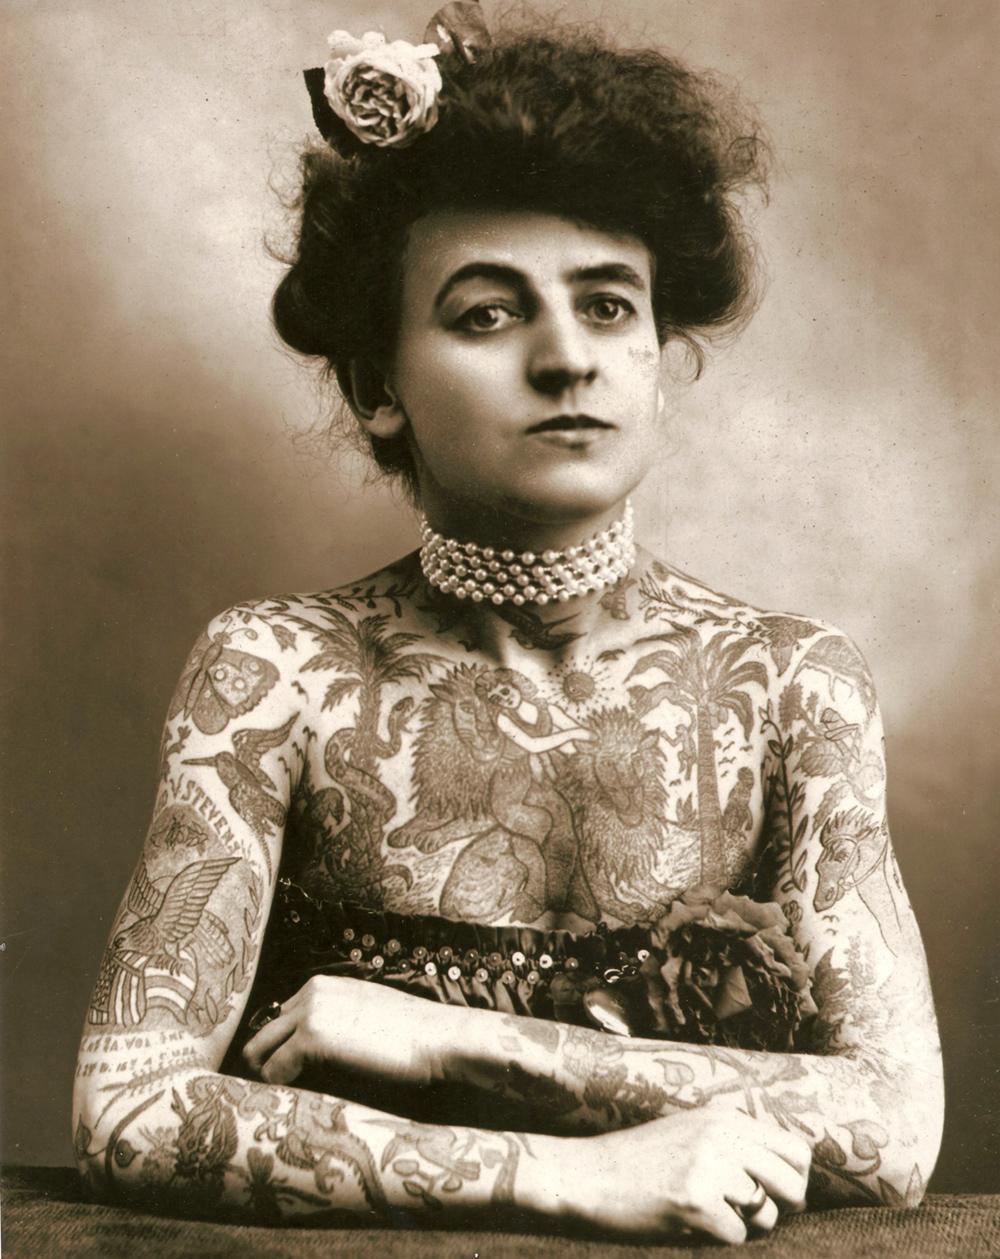 Жена татуировщика, 1905 год. И другие удивительные фотографии. tattoos-034.jpg